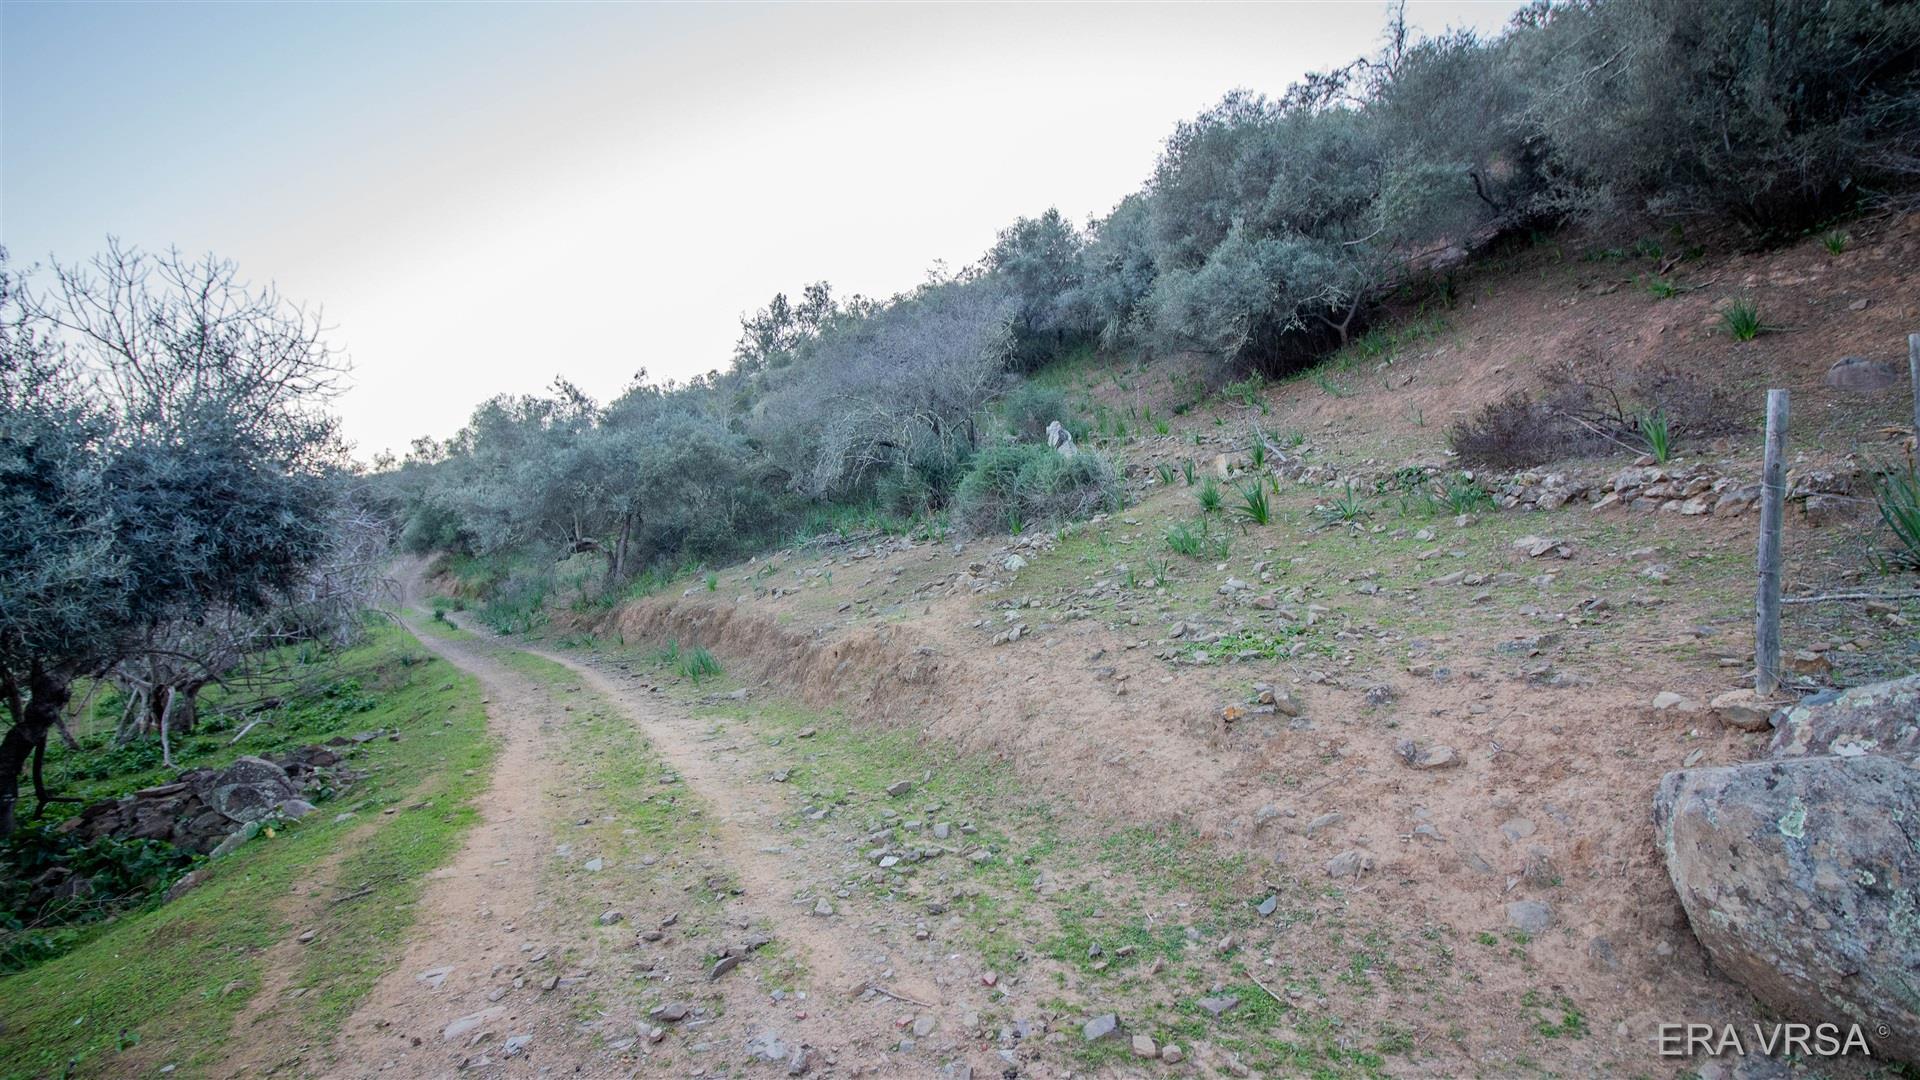 Terrain rural para comprar - Algarve, , Alcoutim